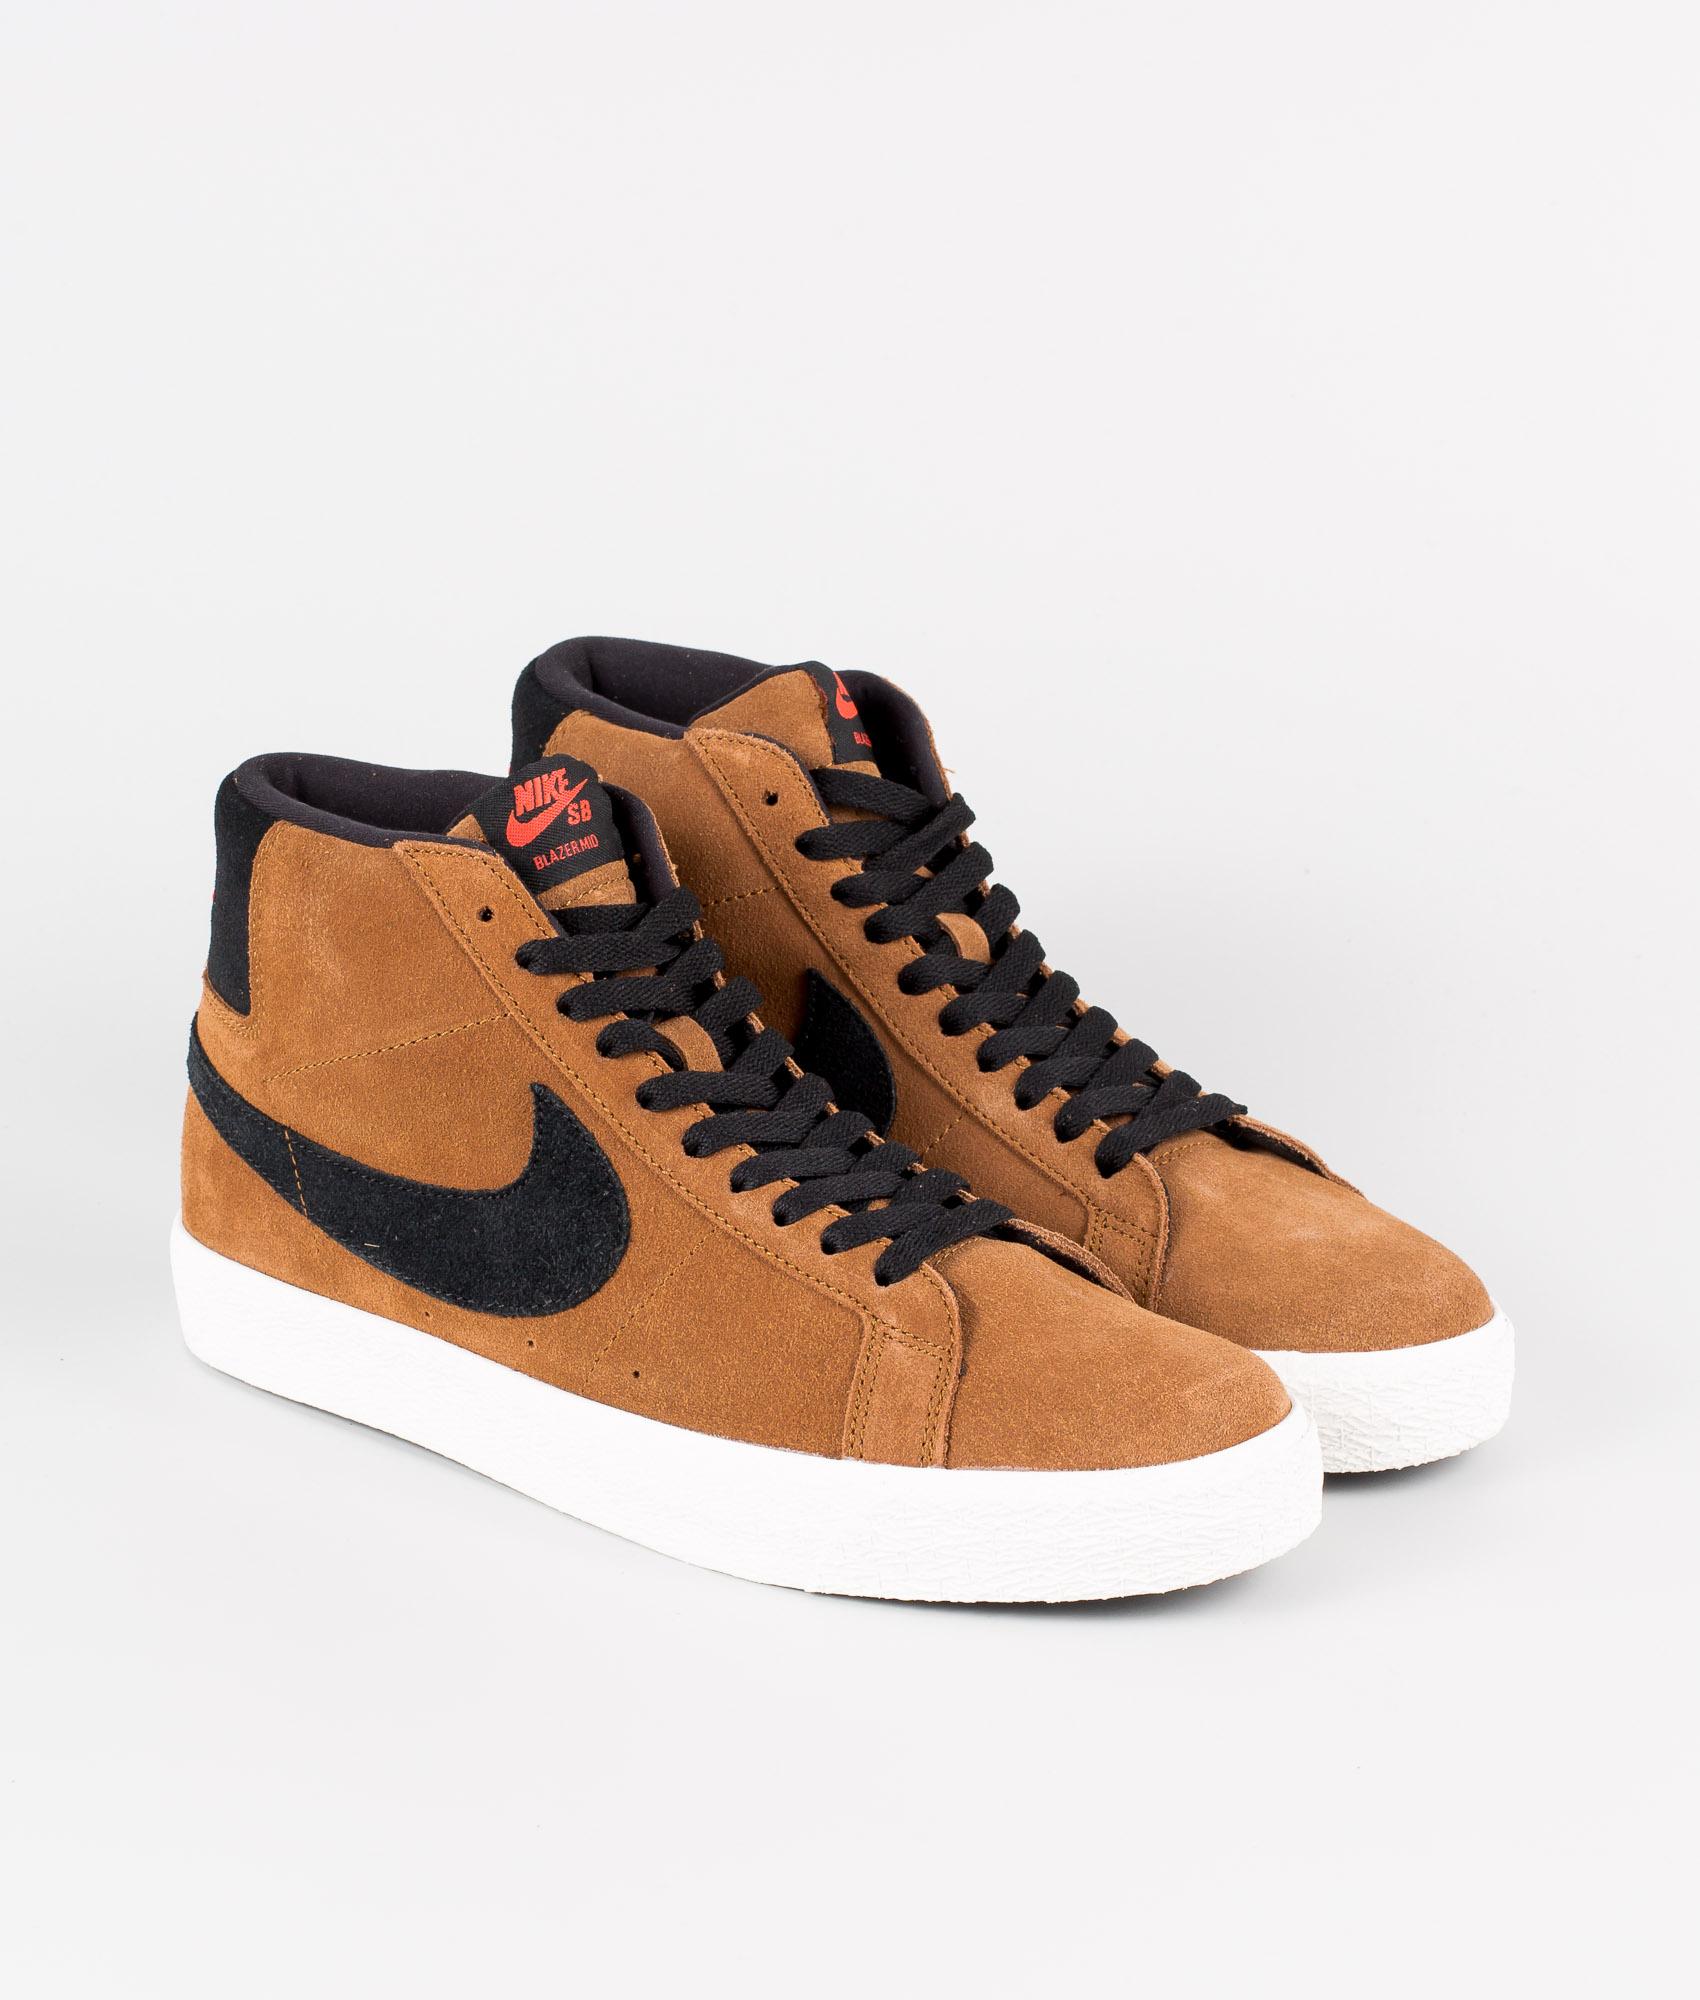 Nike Nike SB Zoom Blazer Mid Shoes